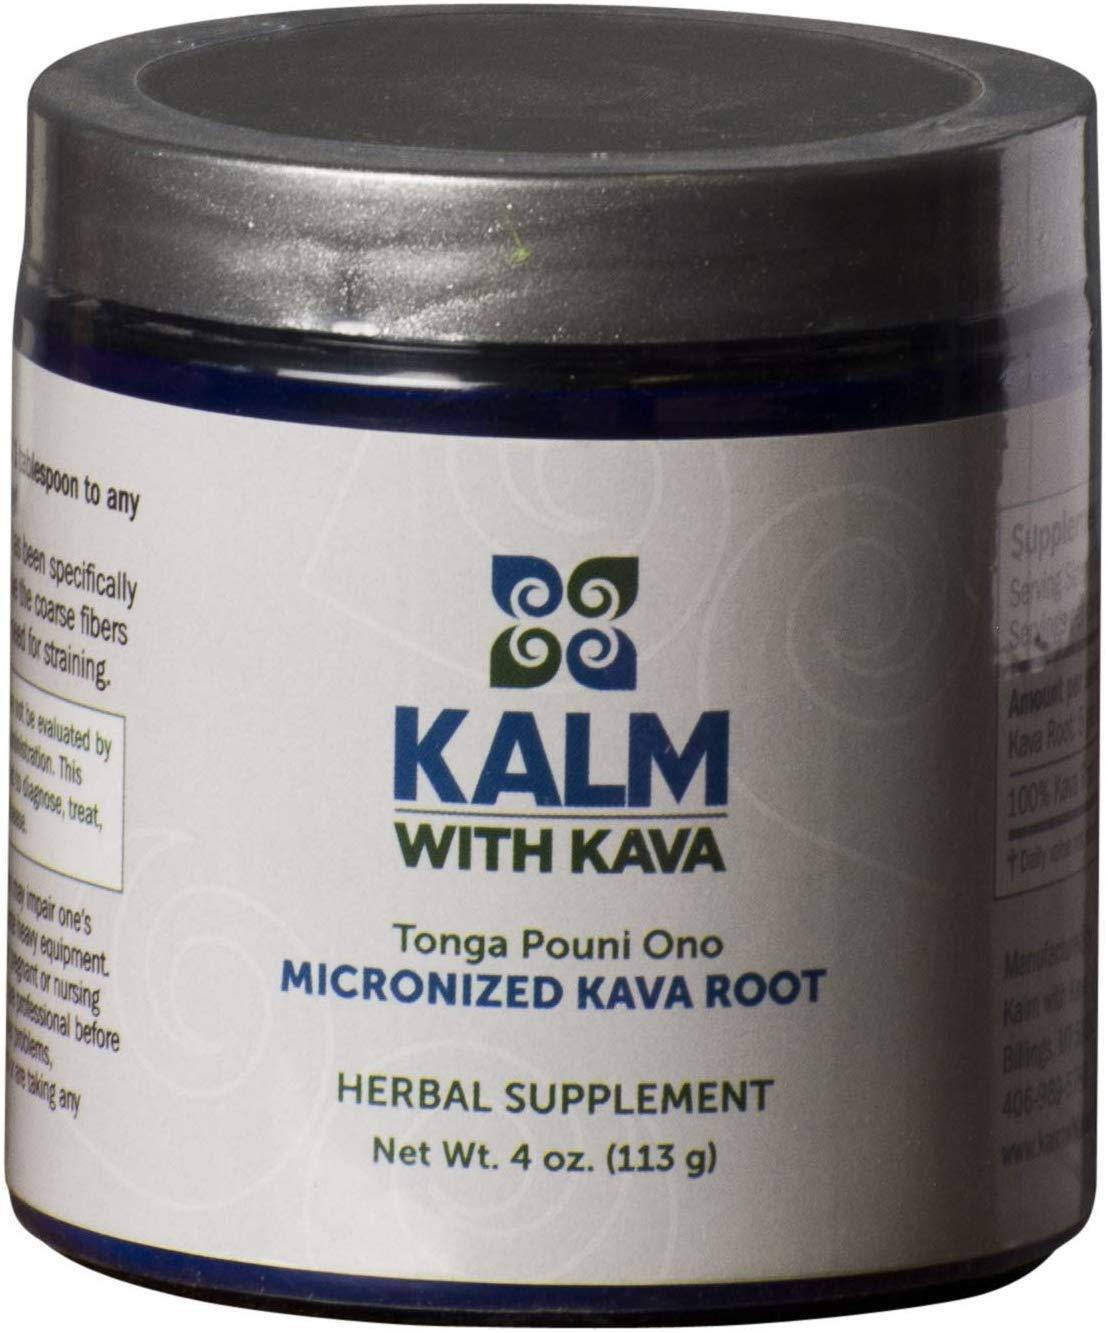 Micronized Instant Kava Powder - Tongan Pouni Ono (4 oz)